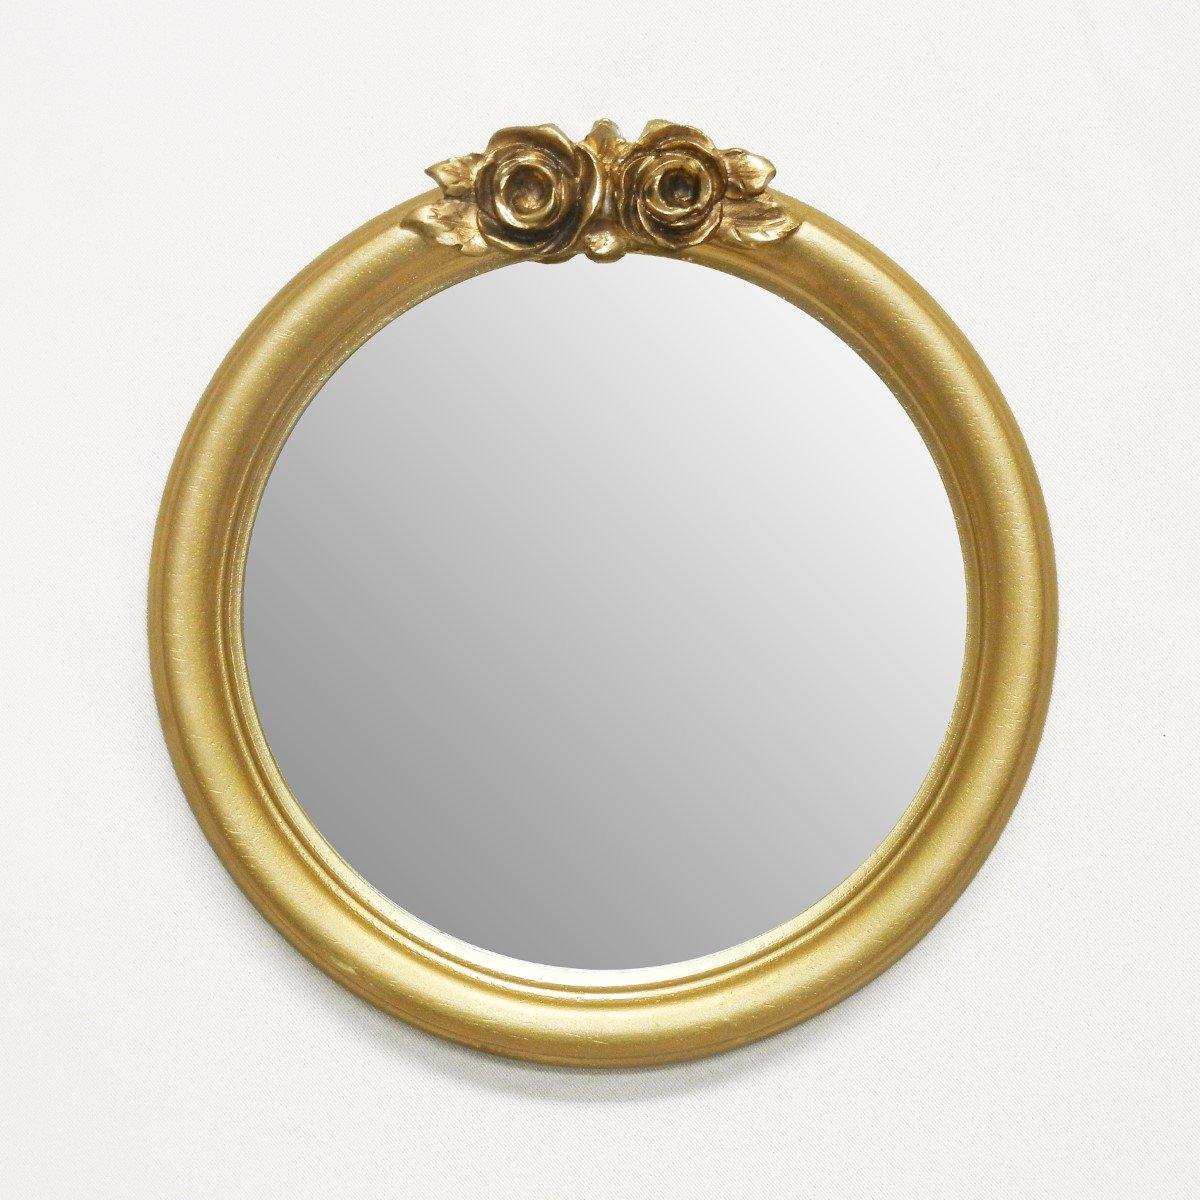 【イタリア製壁掛けミラー】 アンティーク調 ゴールド 24X25cm 21-6019G B07BBB99K5 24X25cm|ゴールド ゴールド 24X25cm